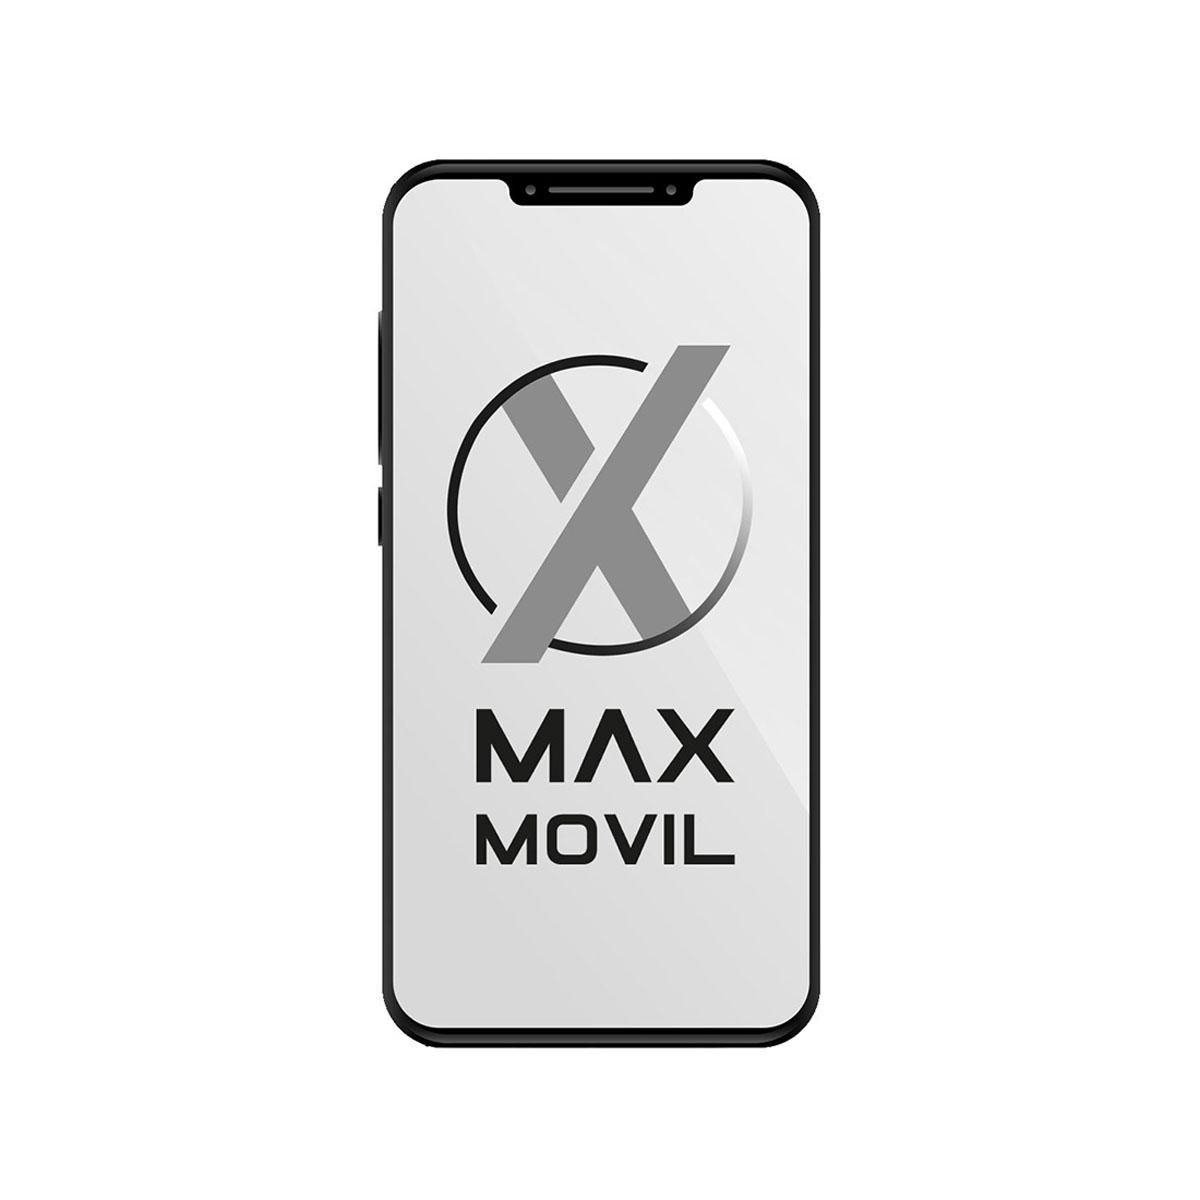 Telefono movil Iphone 7 32GB Silver  CPO ECO-RECICLADO GRADO A